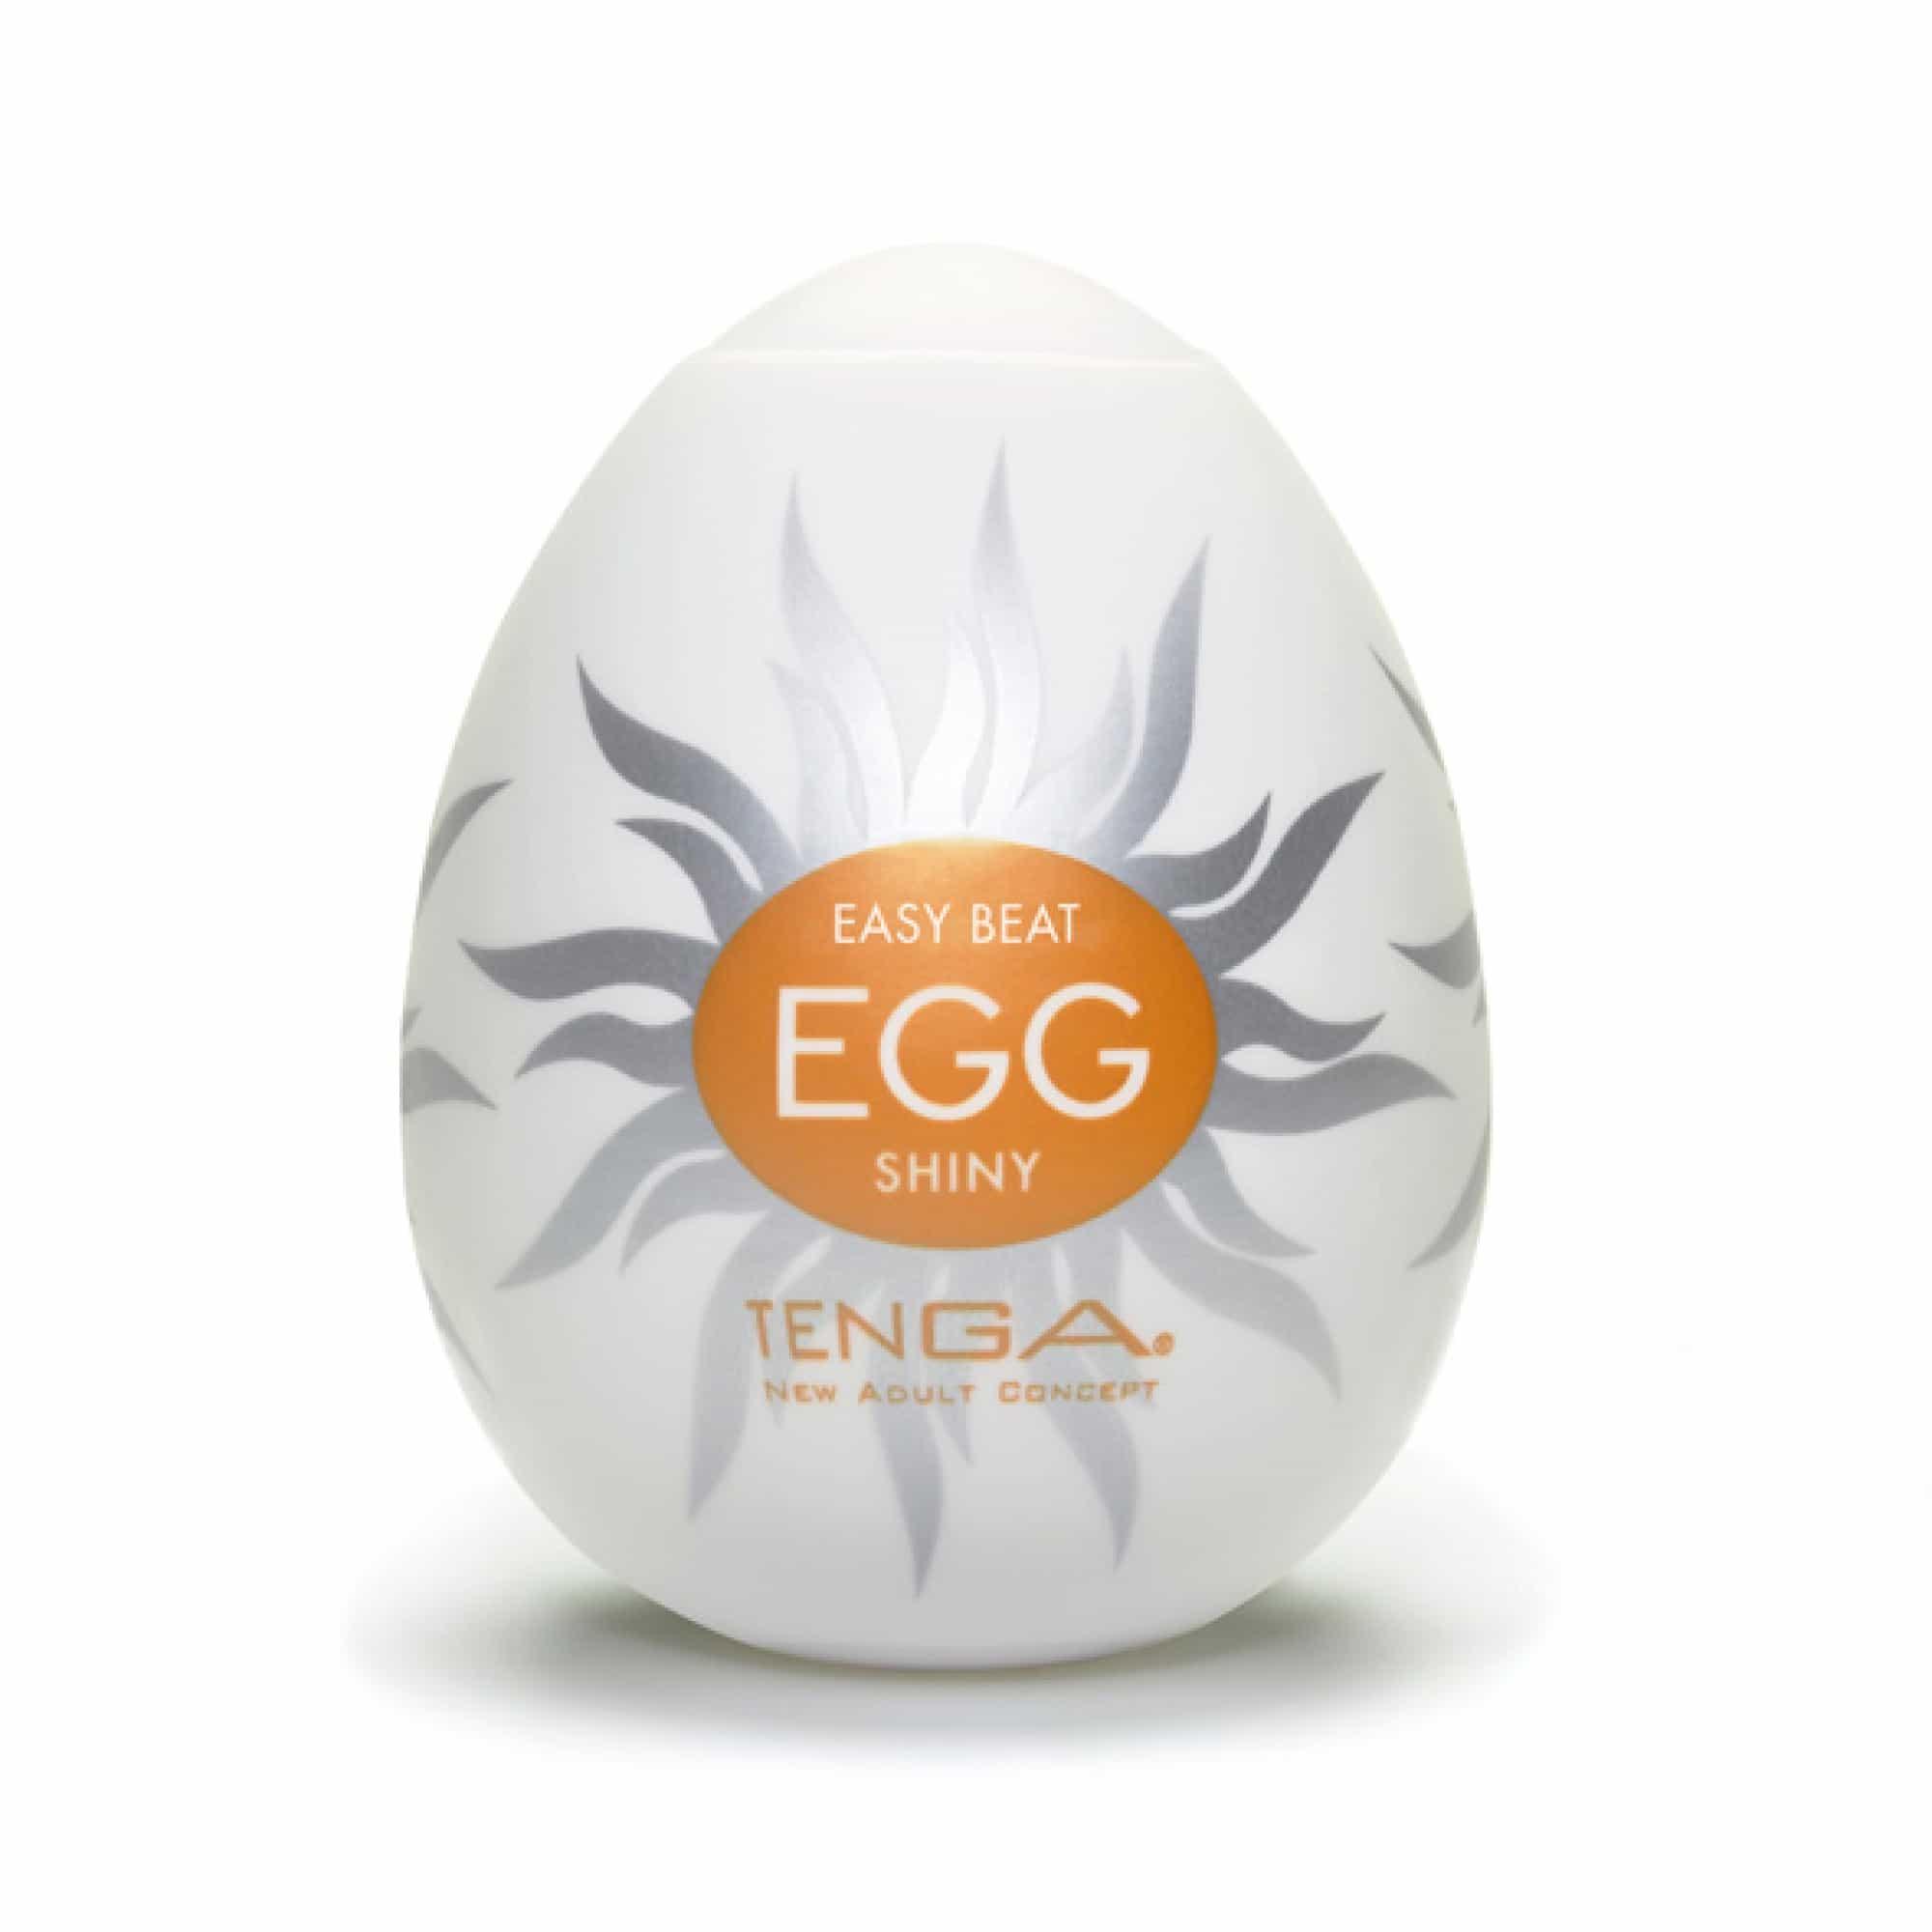 Sexspielzeug ausprobieren - Tenga Eggs sind perfekt für den Start